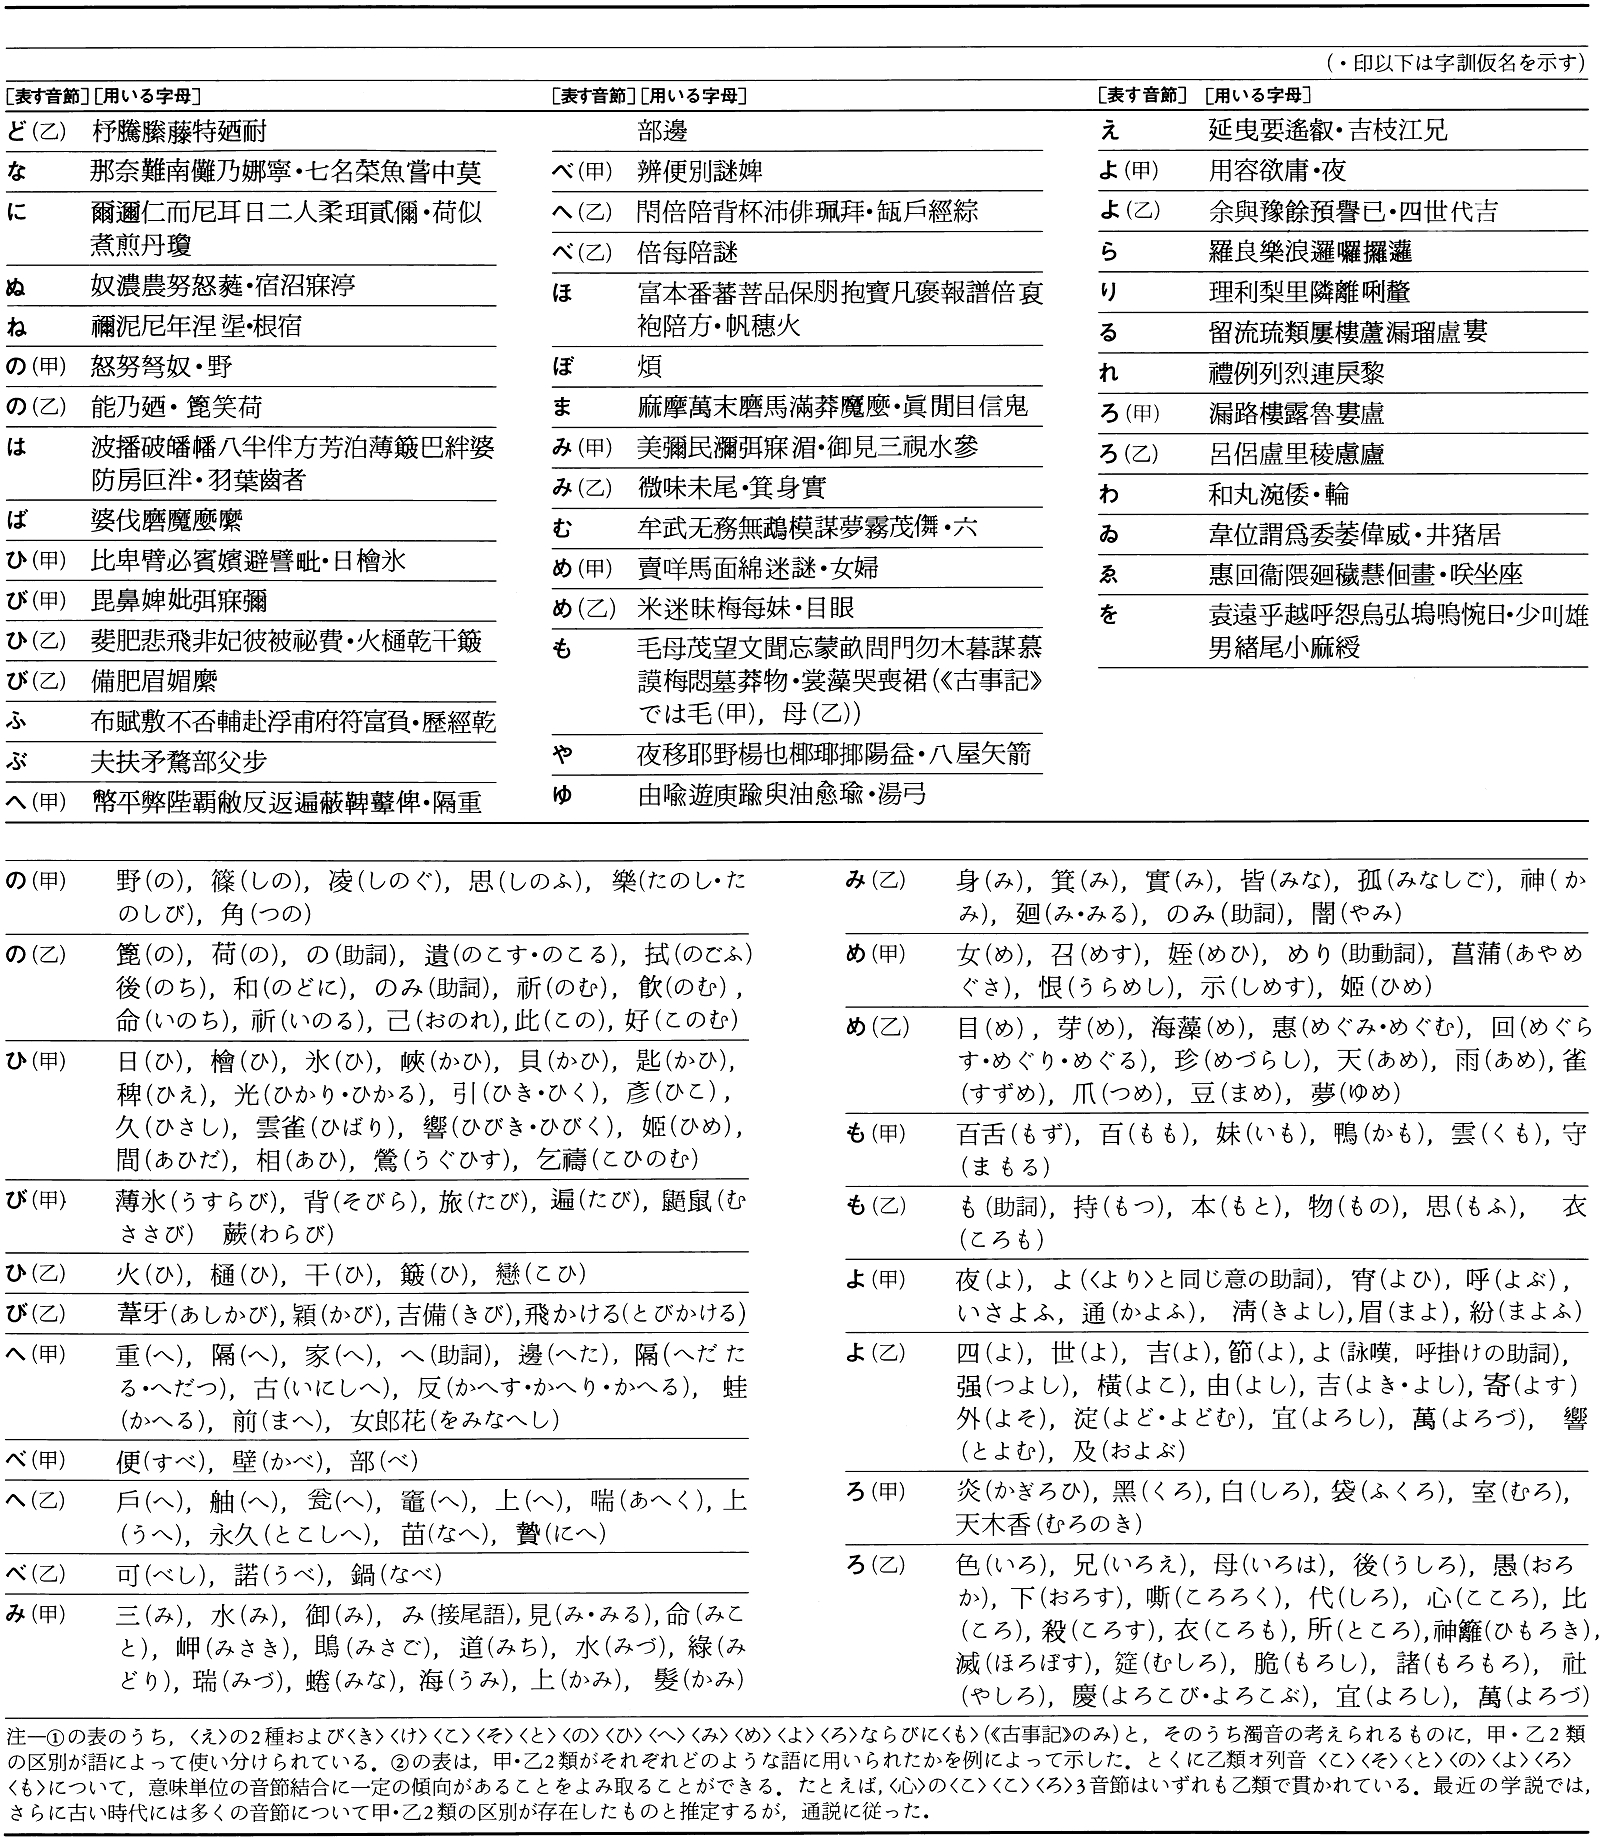 万葉仮名の表2